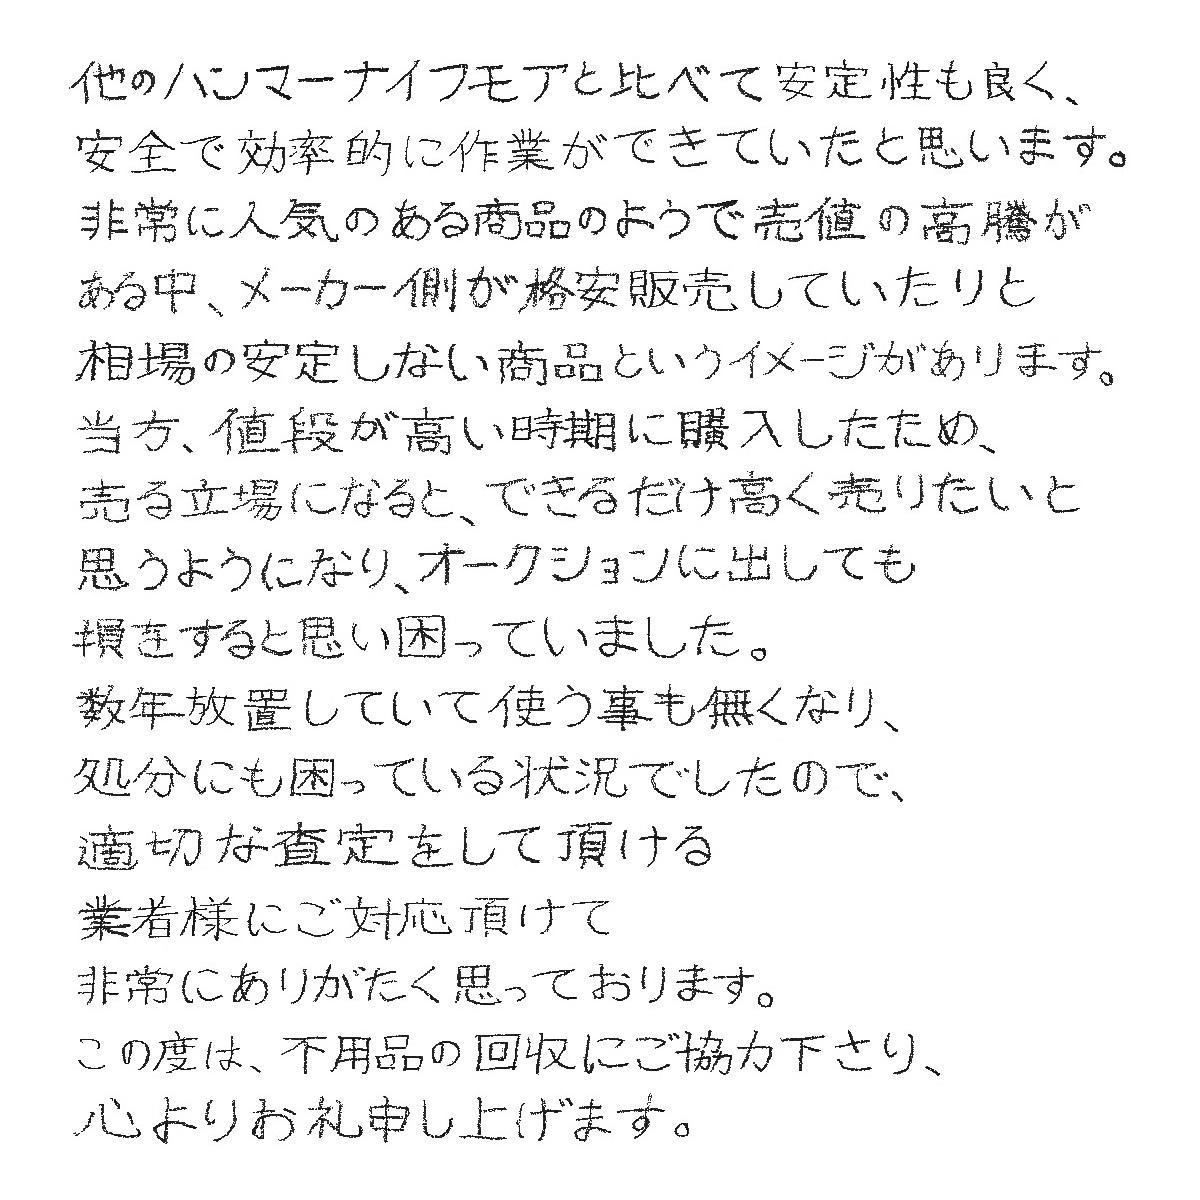 ハンマーナイフモア 買取体験談